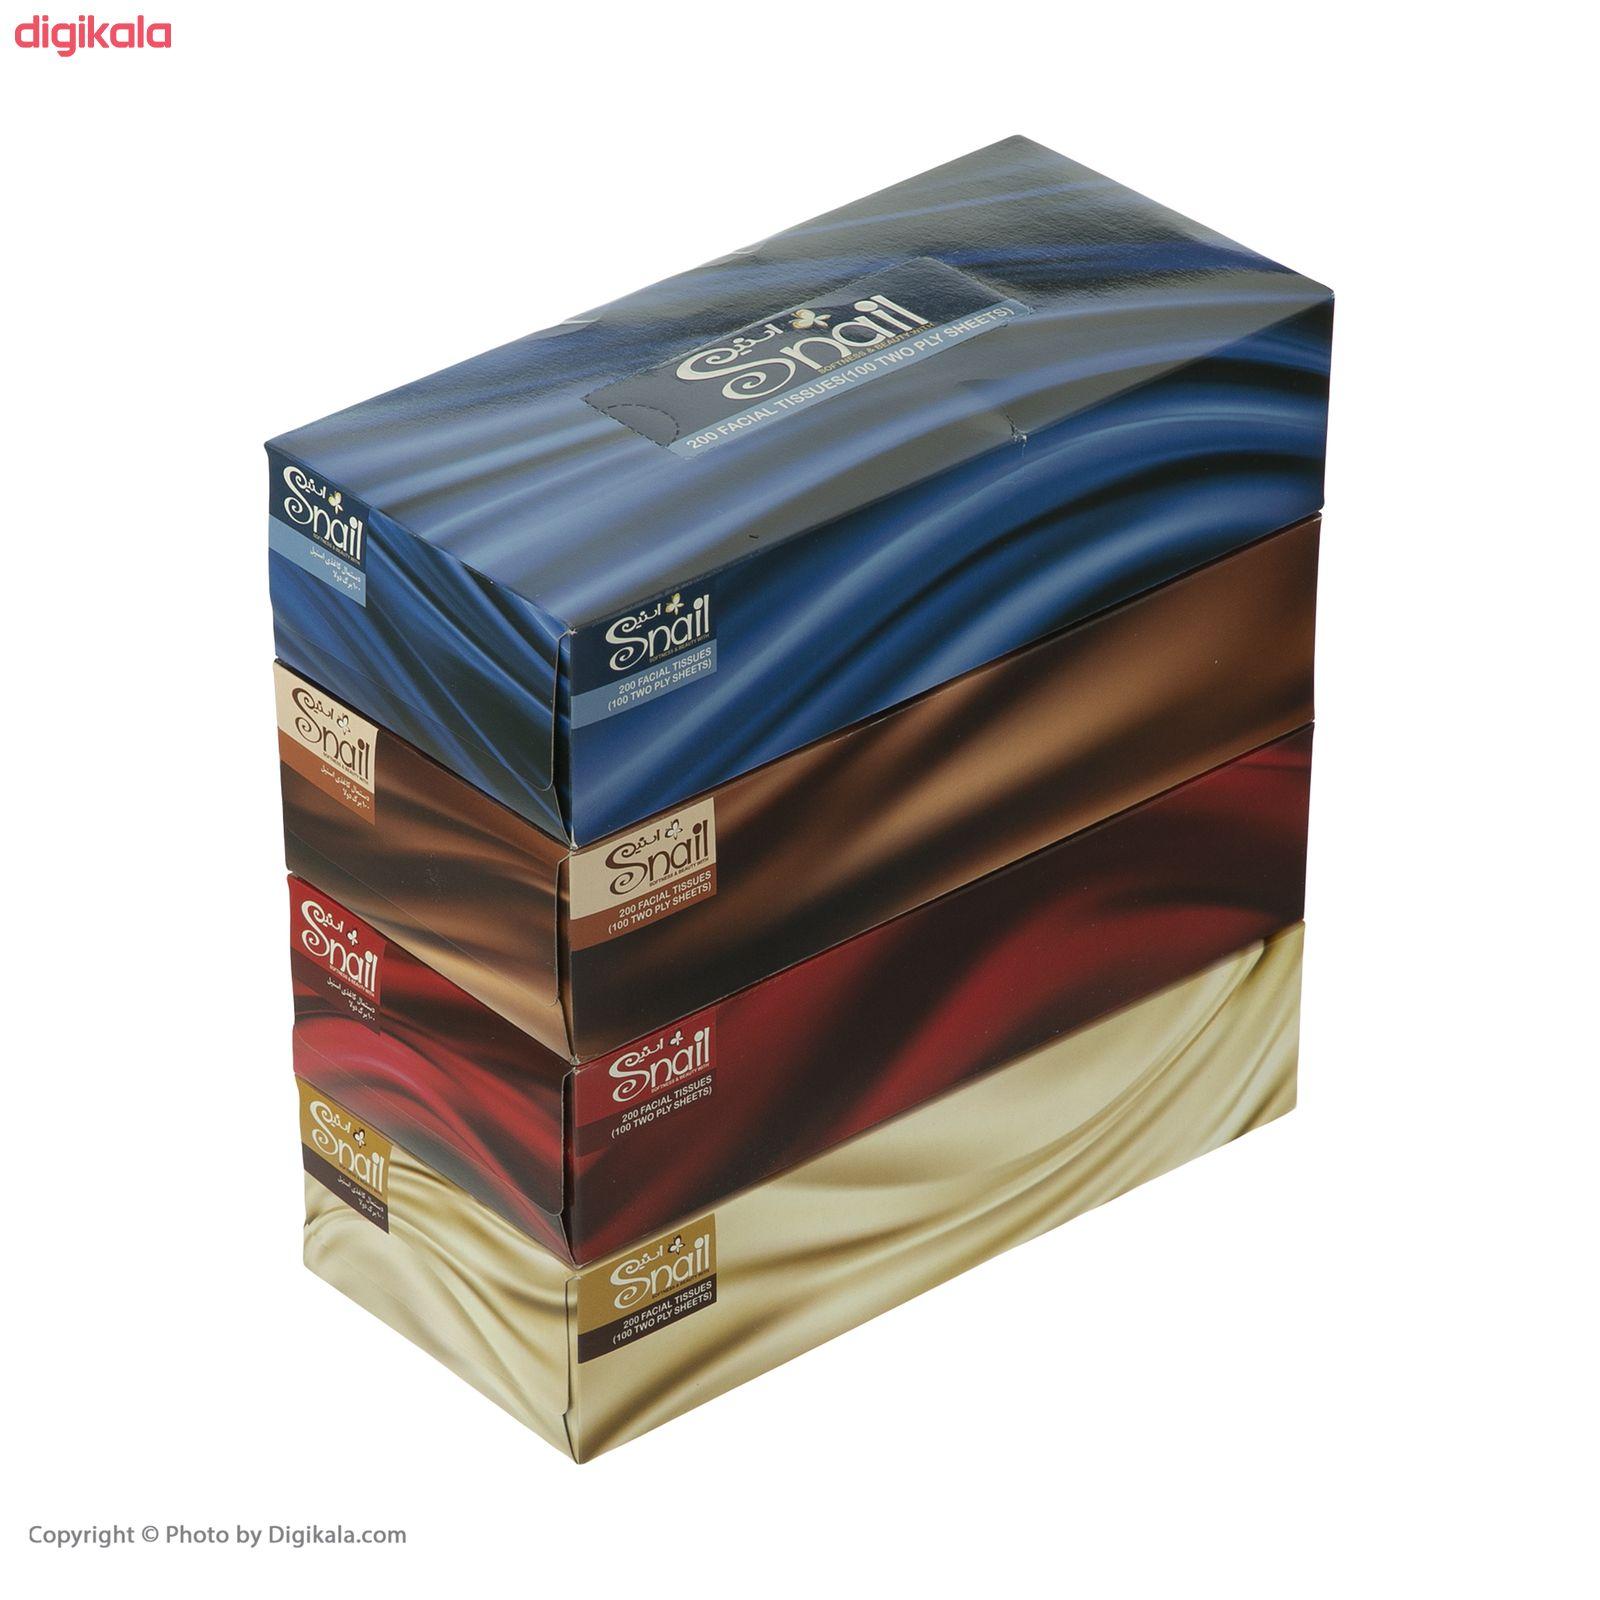 دستمال کاغذی 100 برگ اسنیل کد 01 مجموعه 4 عددی  main 1 12